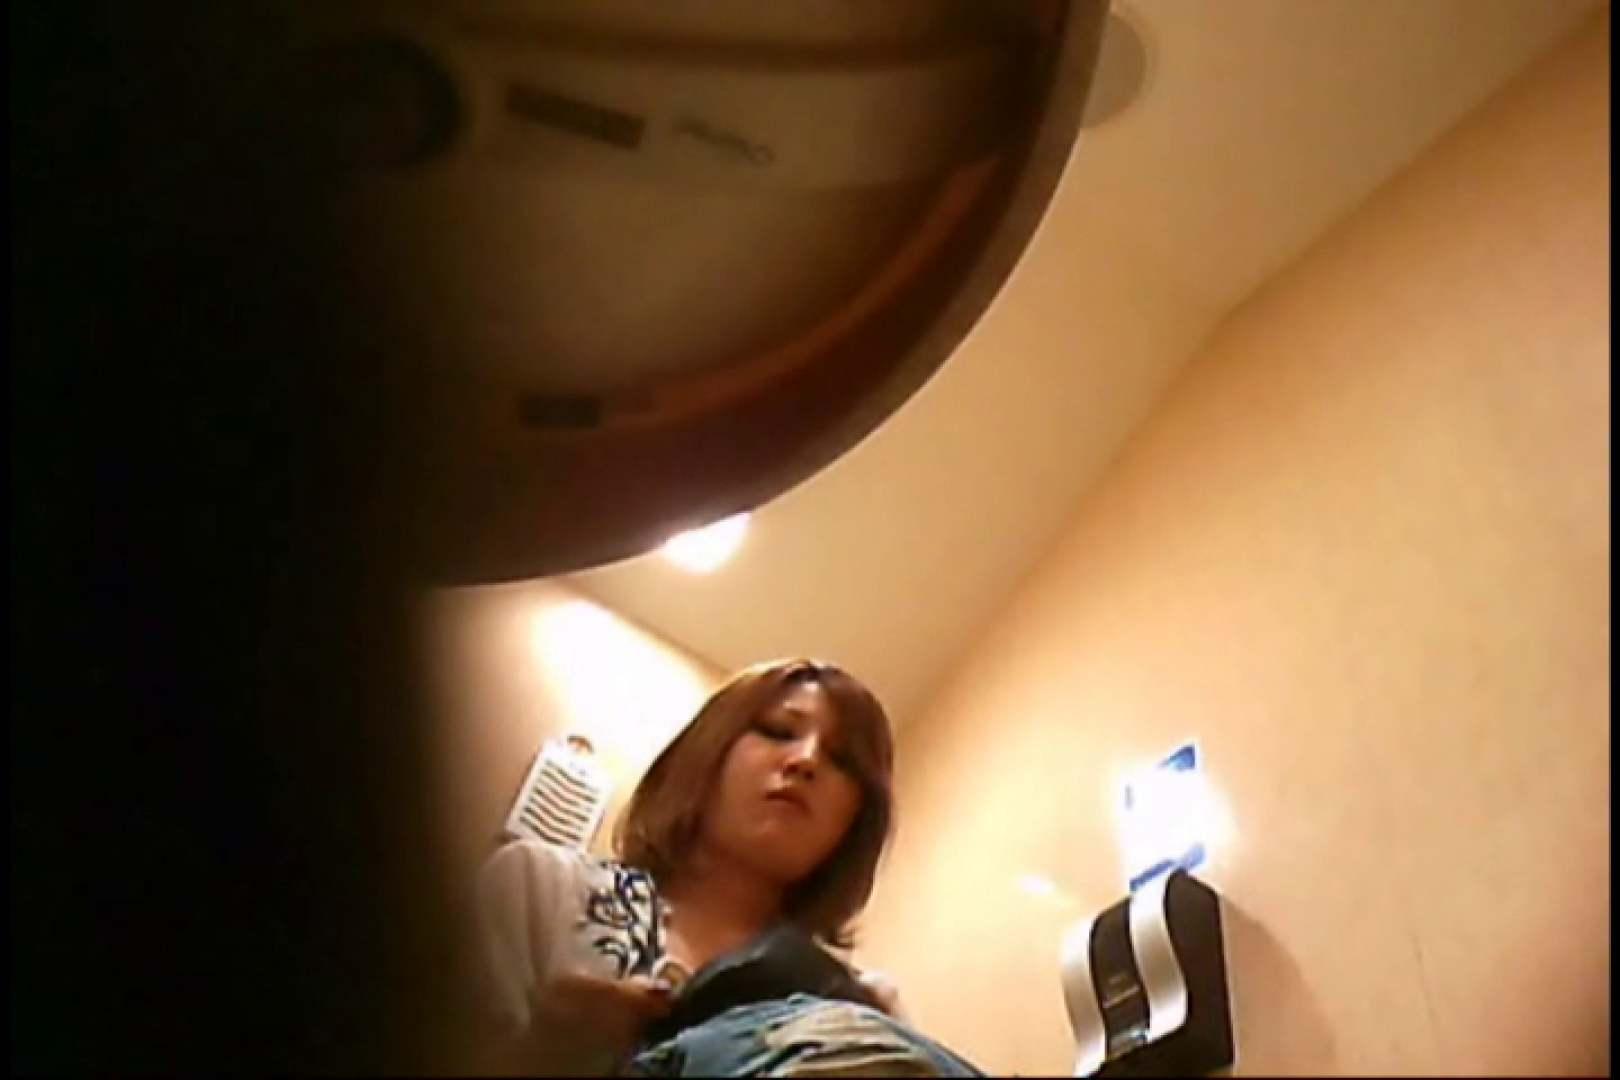 潜入!!女子化粧室盗撮~絶対見られたくない時間~vo,36 巨乳特別編 アダルト動画キャプチャ 80枚 44